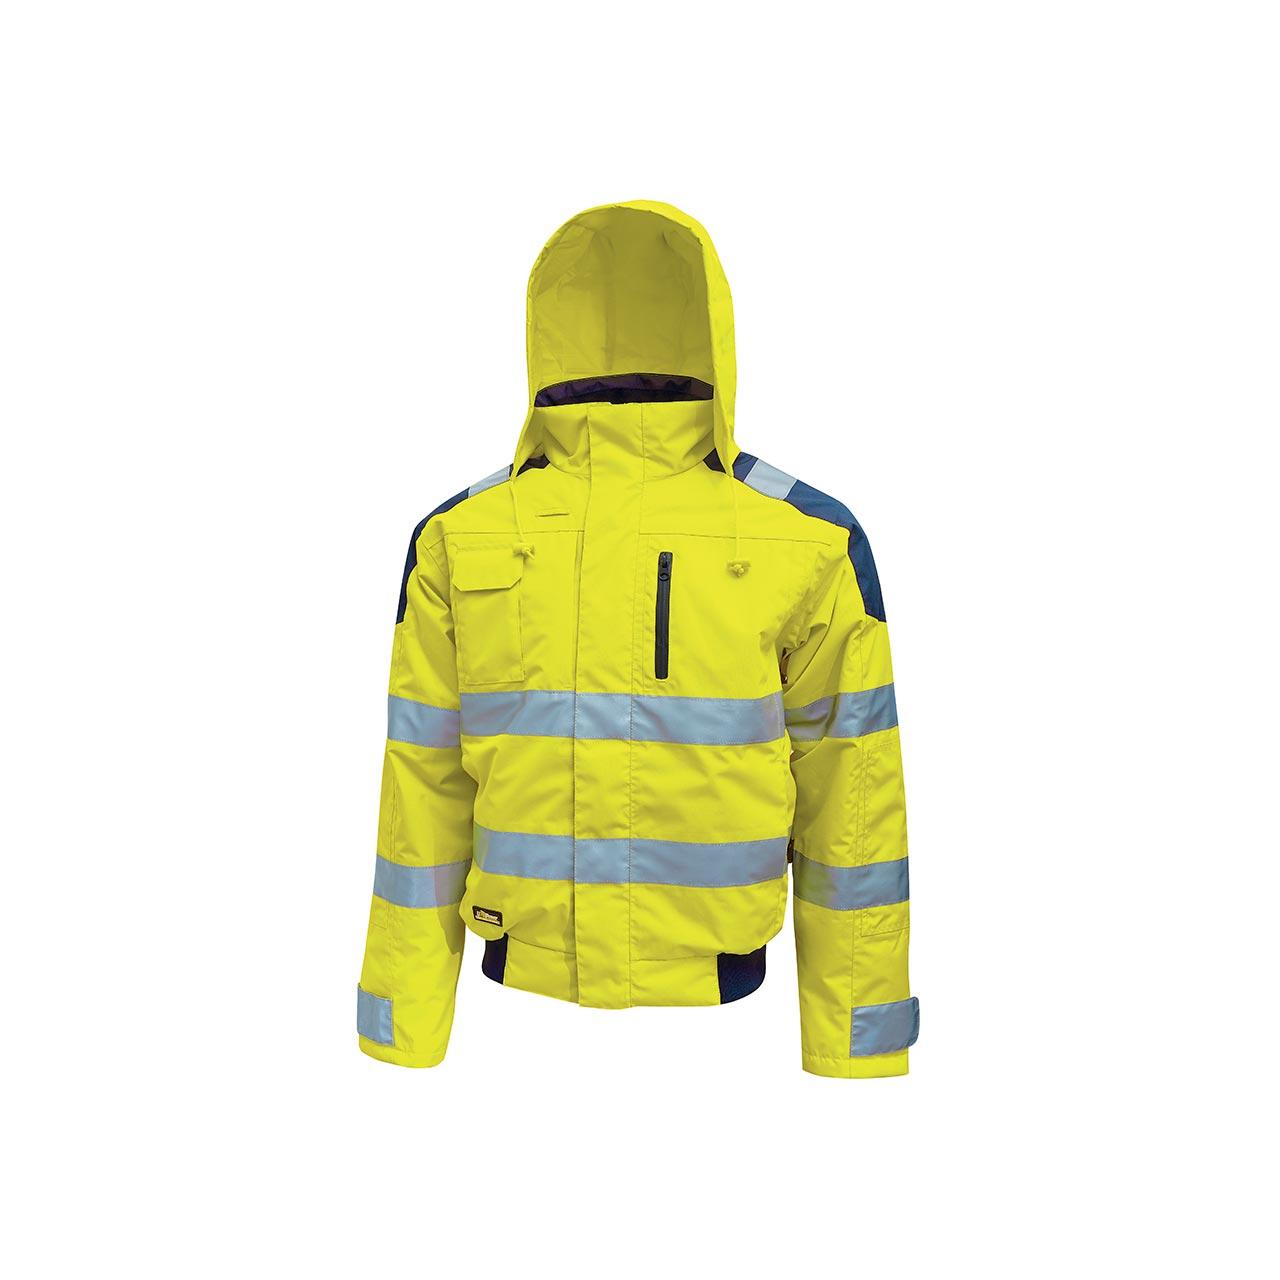 giacca da lavoro upower modello best colore yellow fluo